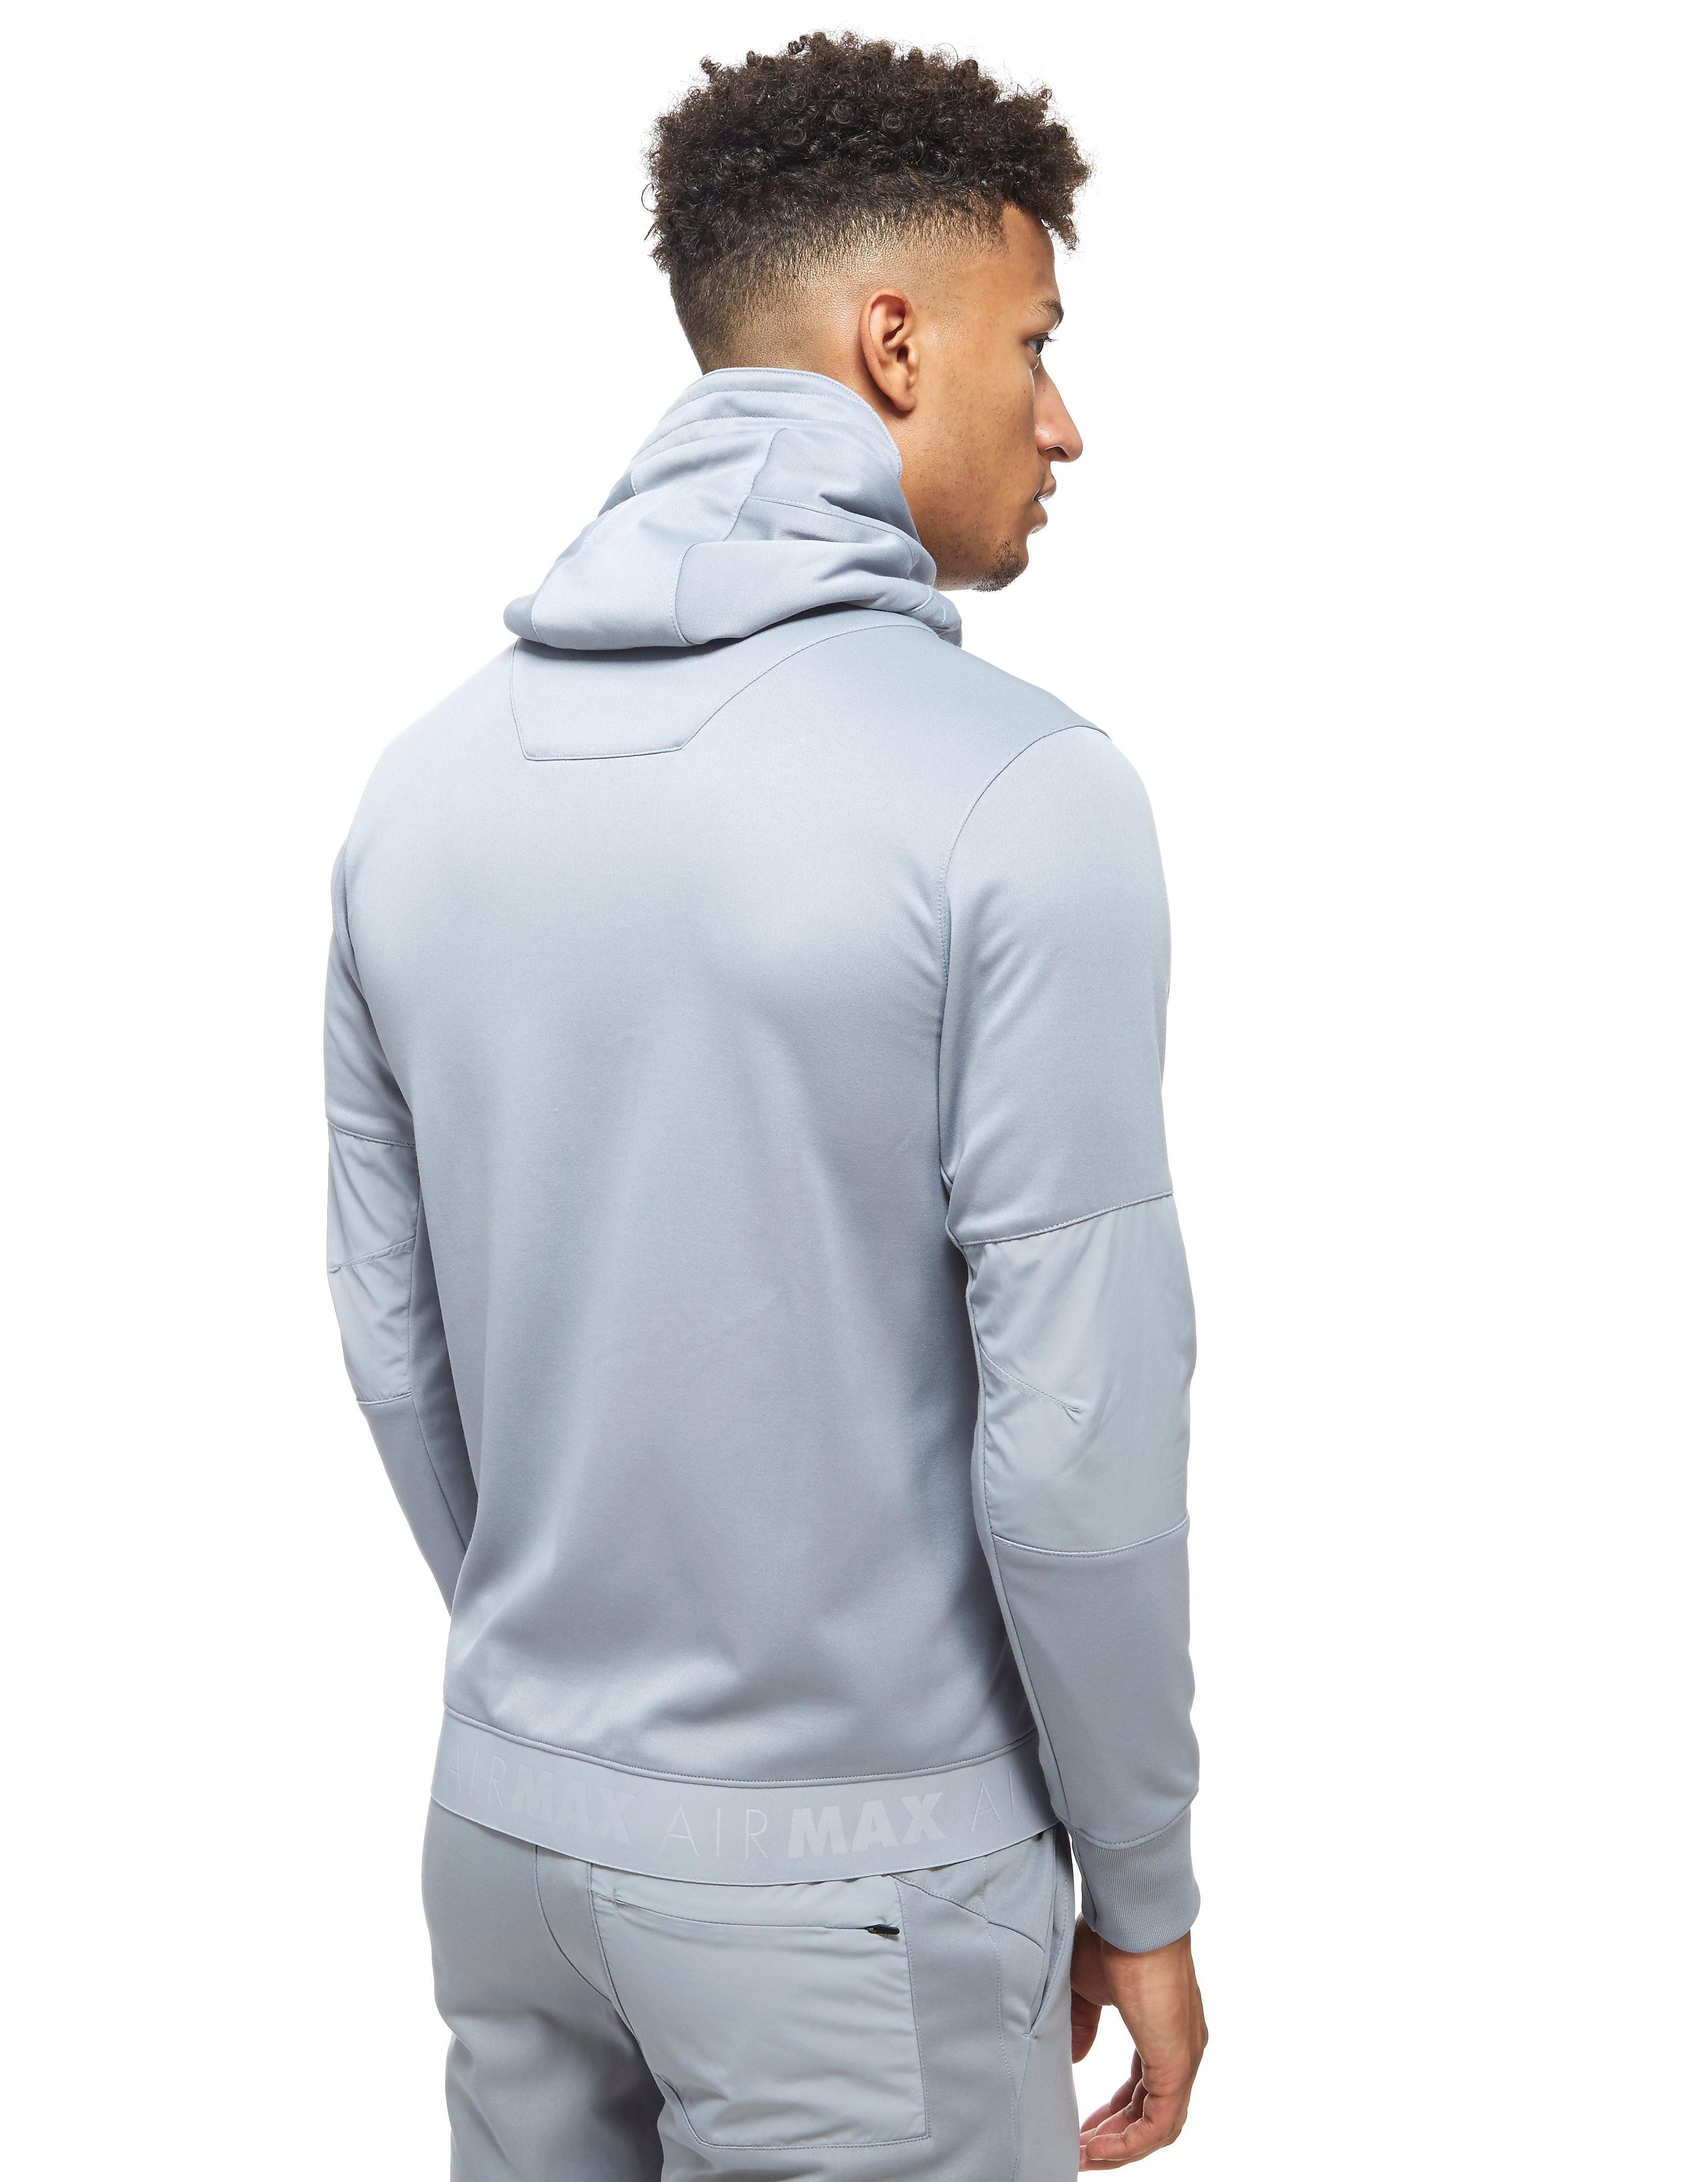 Nike Air Max Full Zip Hoody